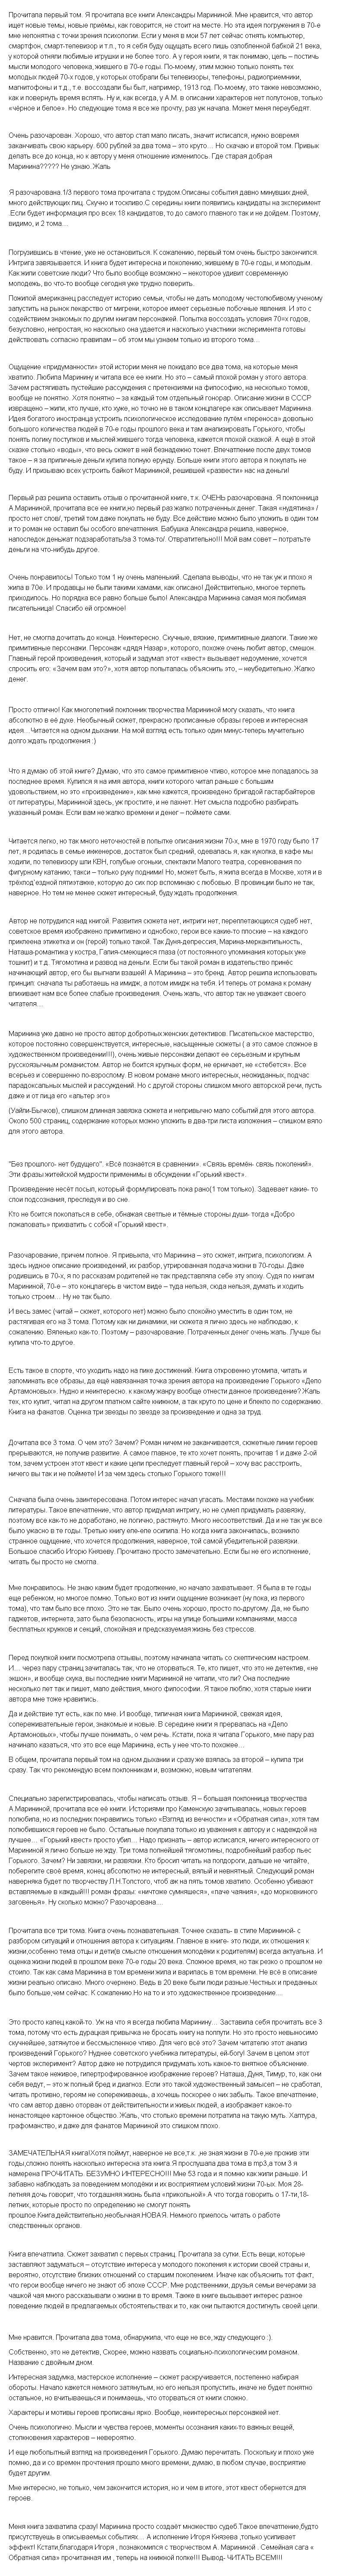 Отзывы о новой книге Марининой 2018 Горький квест